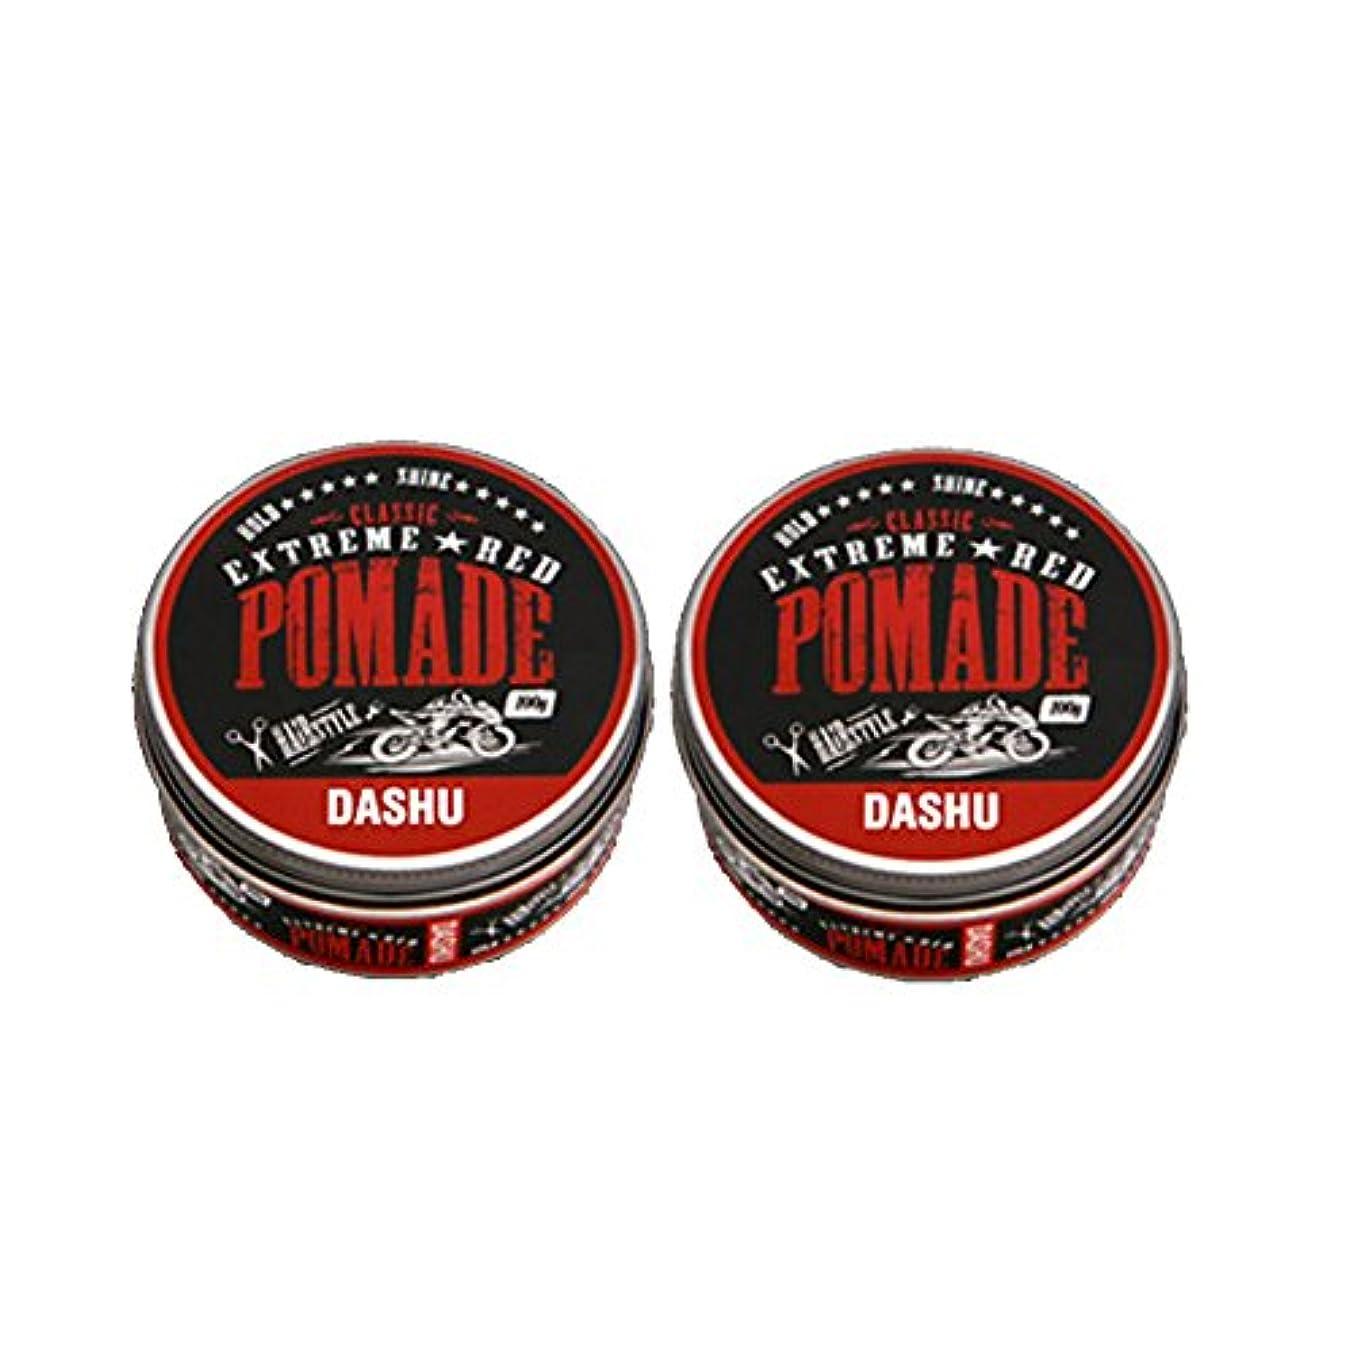 ジャンル微生物中庭(2個セット) x [DASHU] ダシュ クラシックエクストリームレッドポマード Classic Extreme Red Pomade Hair Wax 100ml / 韓国製 . 韓国直送品